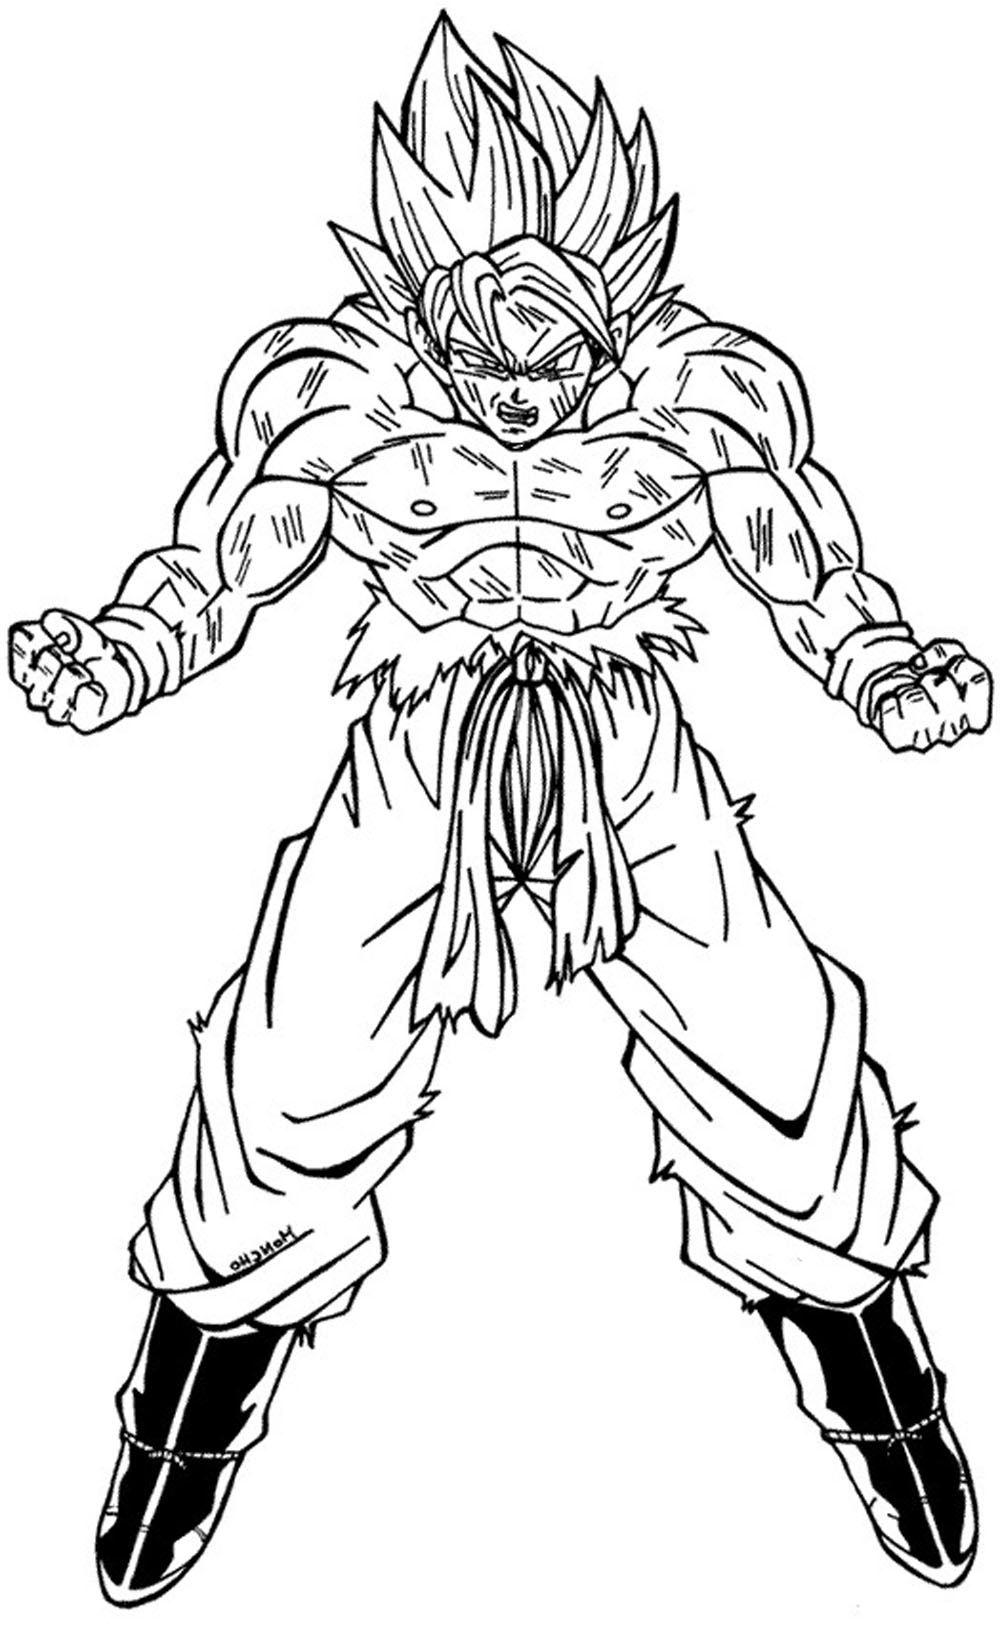 Imagen de Goku para colorear e imprimir - Dibujos De